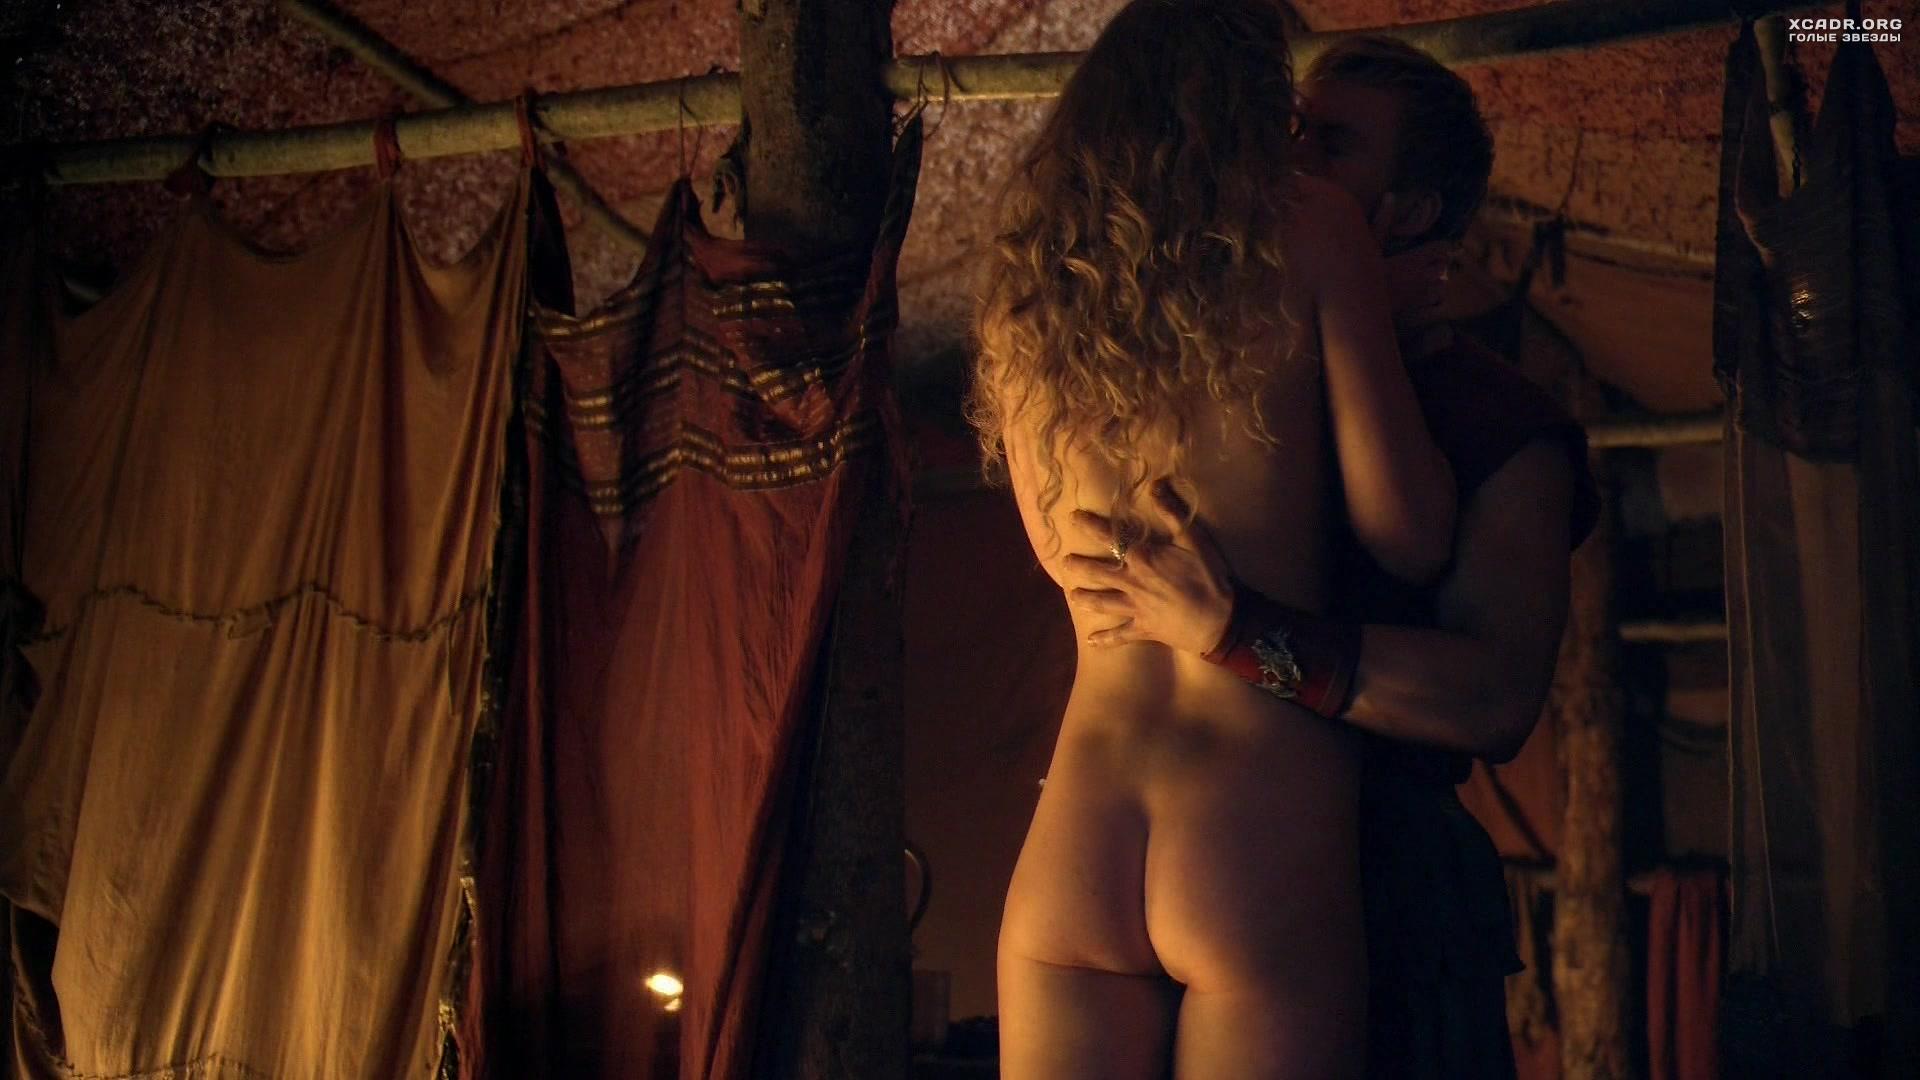 erotika-v-ukrainskom-kino-foto-s-filmov-bolshie-siski-i-bolshie-dildo